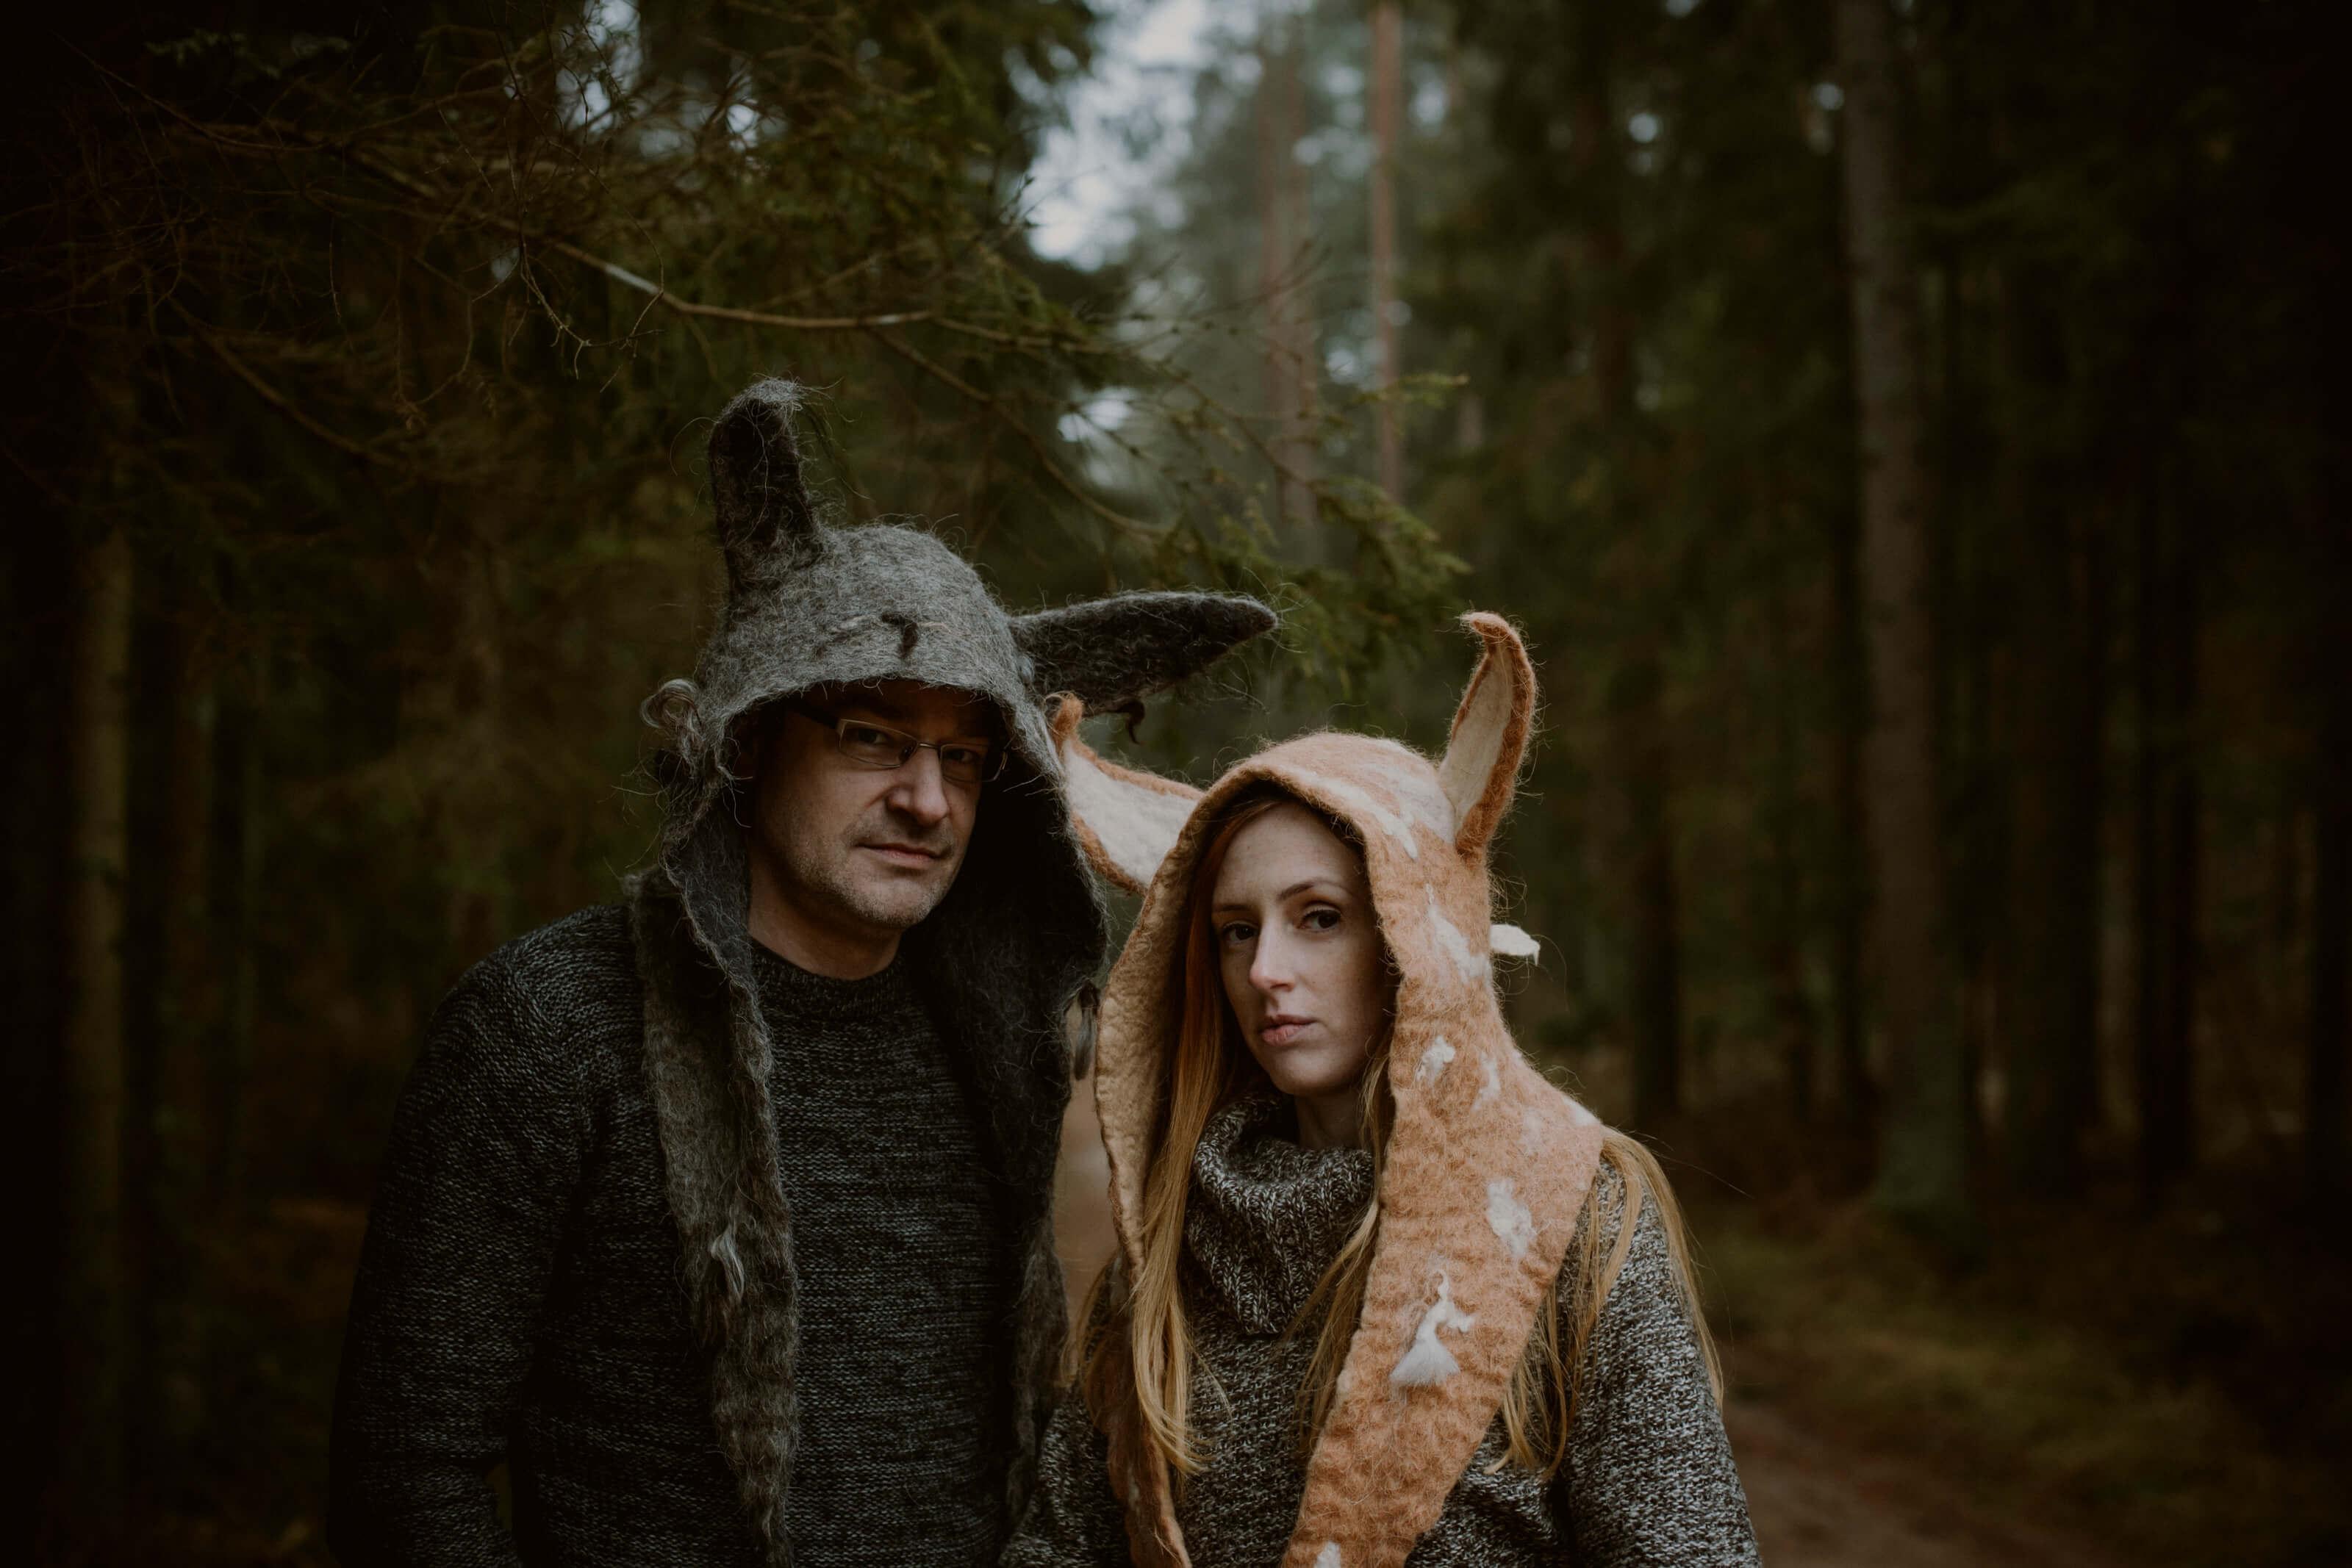 para w kostiumach lisa i wilka